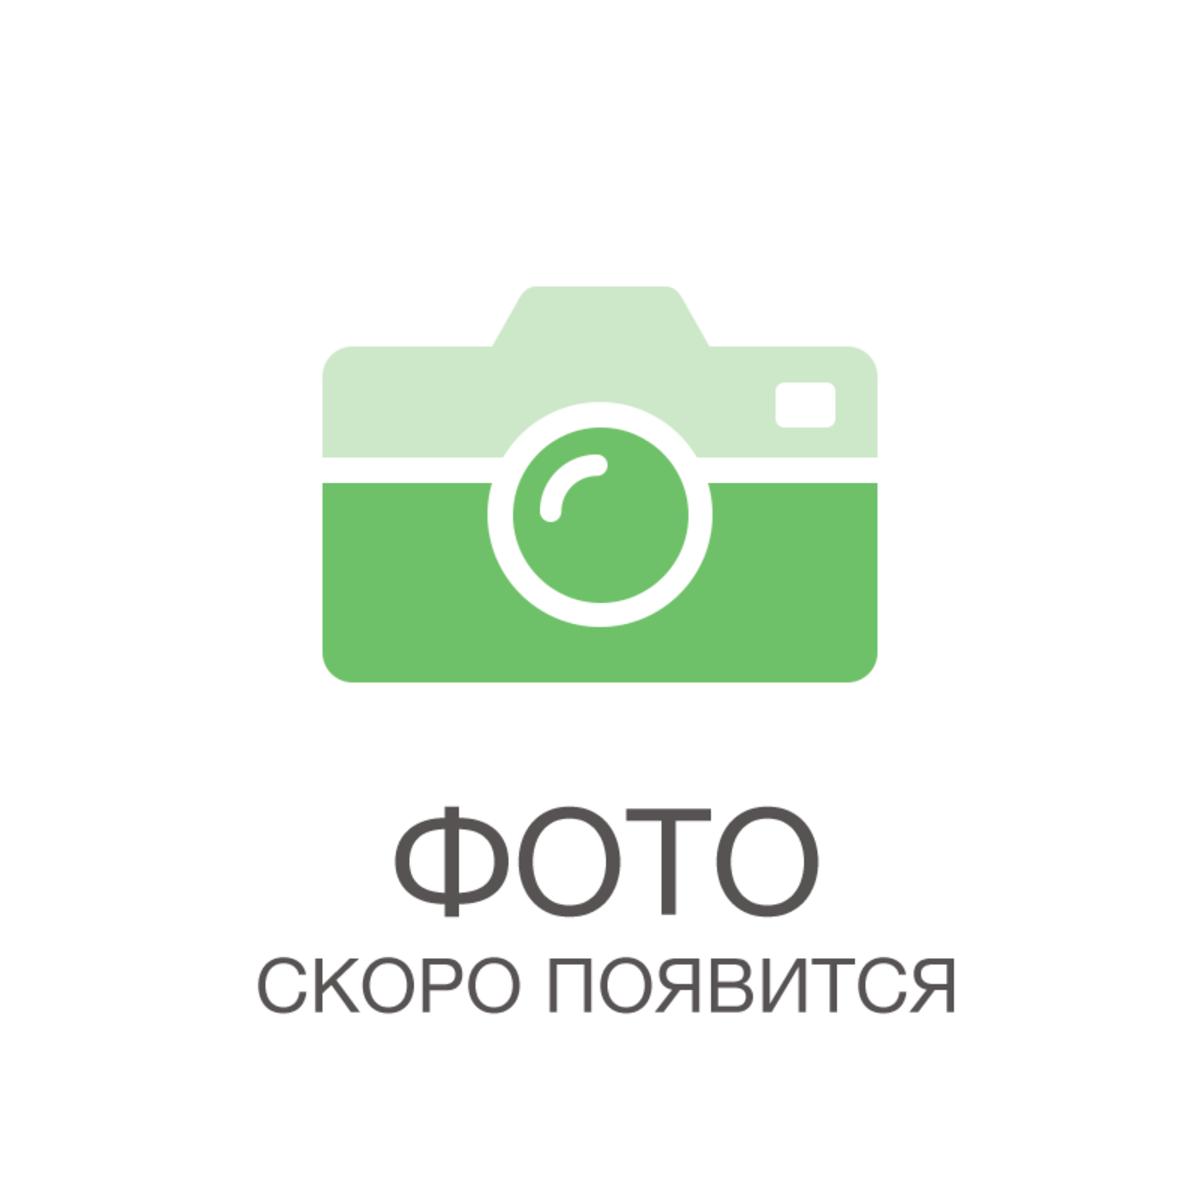 Органайзер для хранения Гелеос Миндаль МНД 22 8х20х16 см